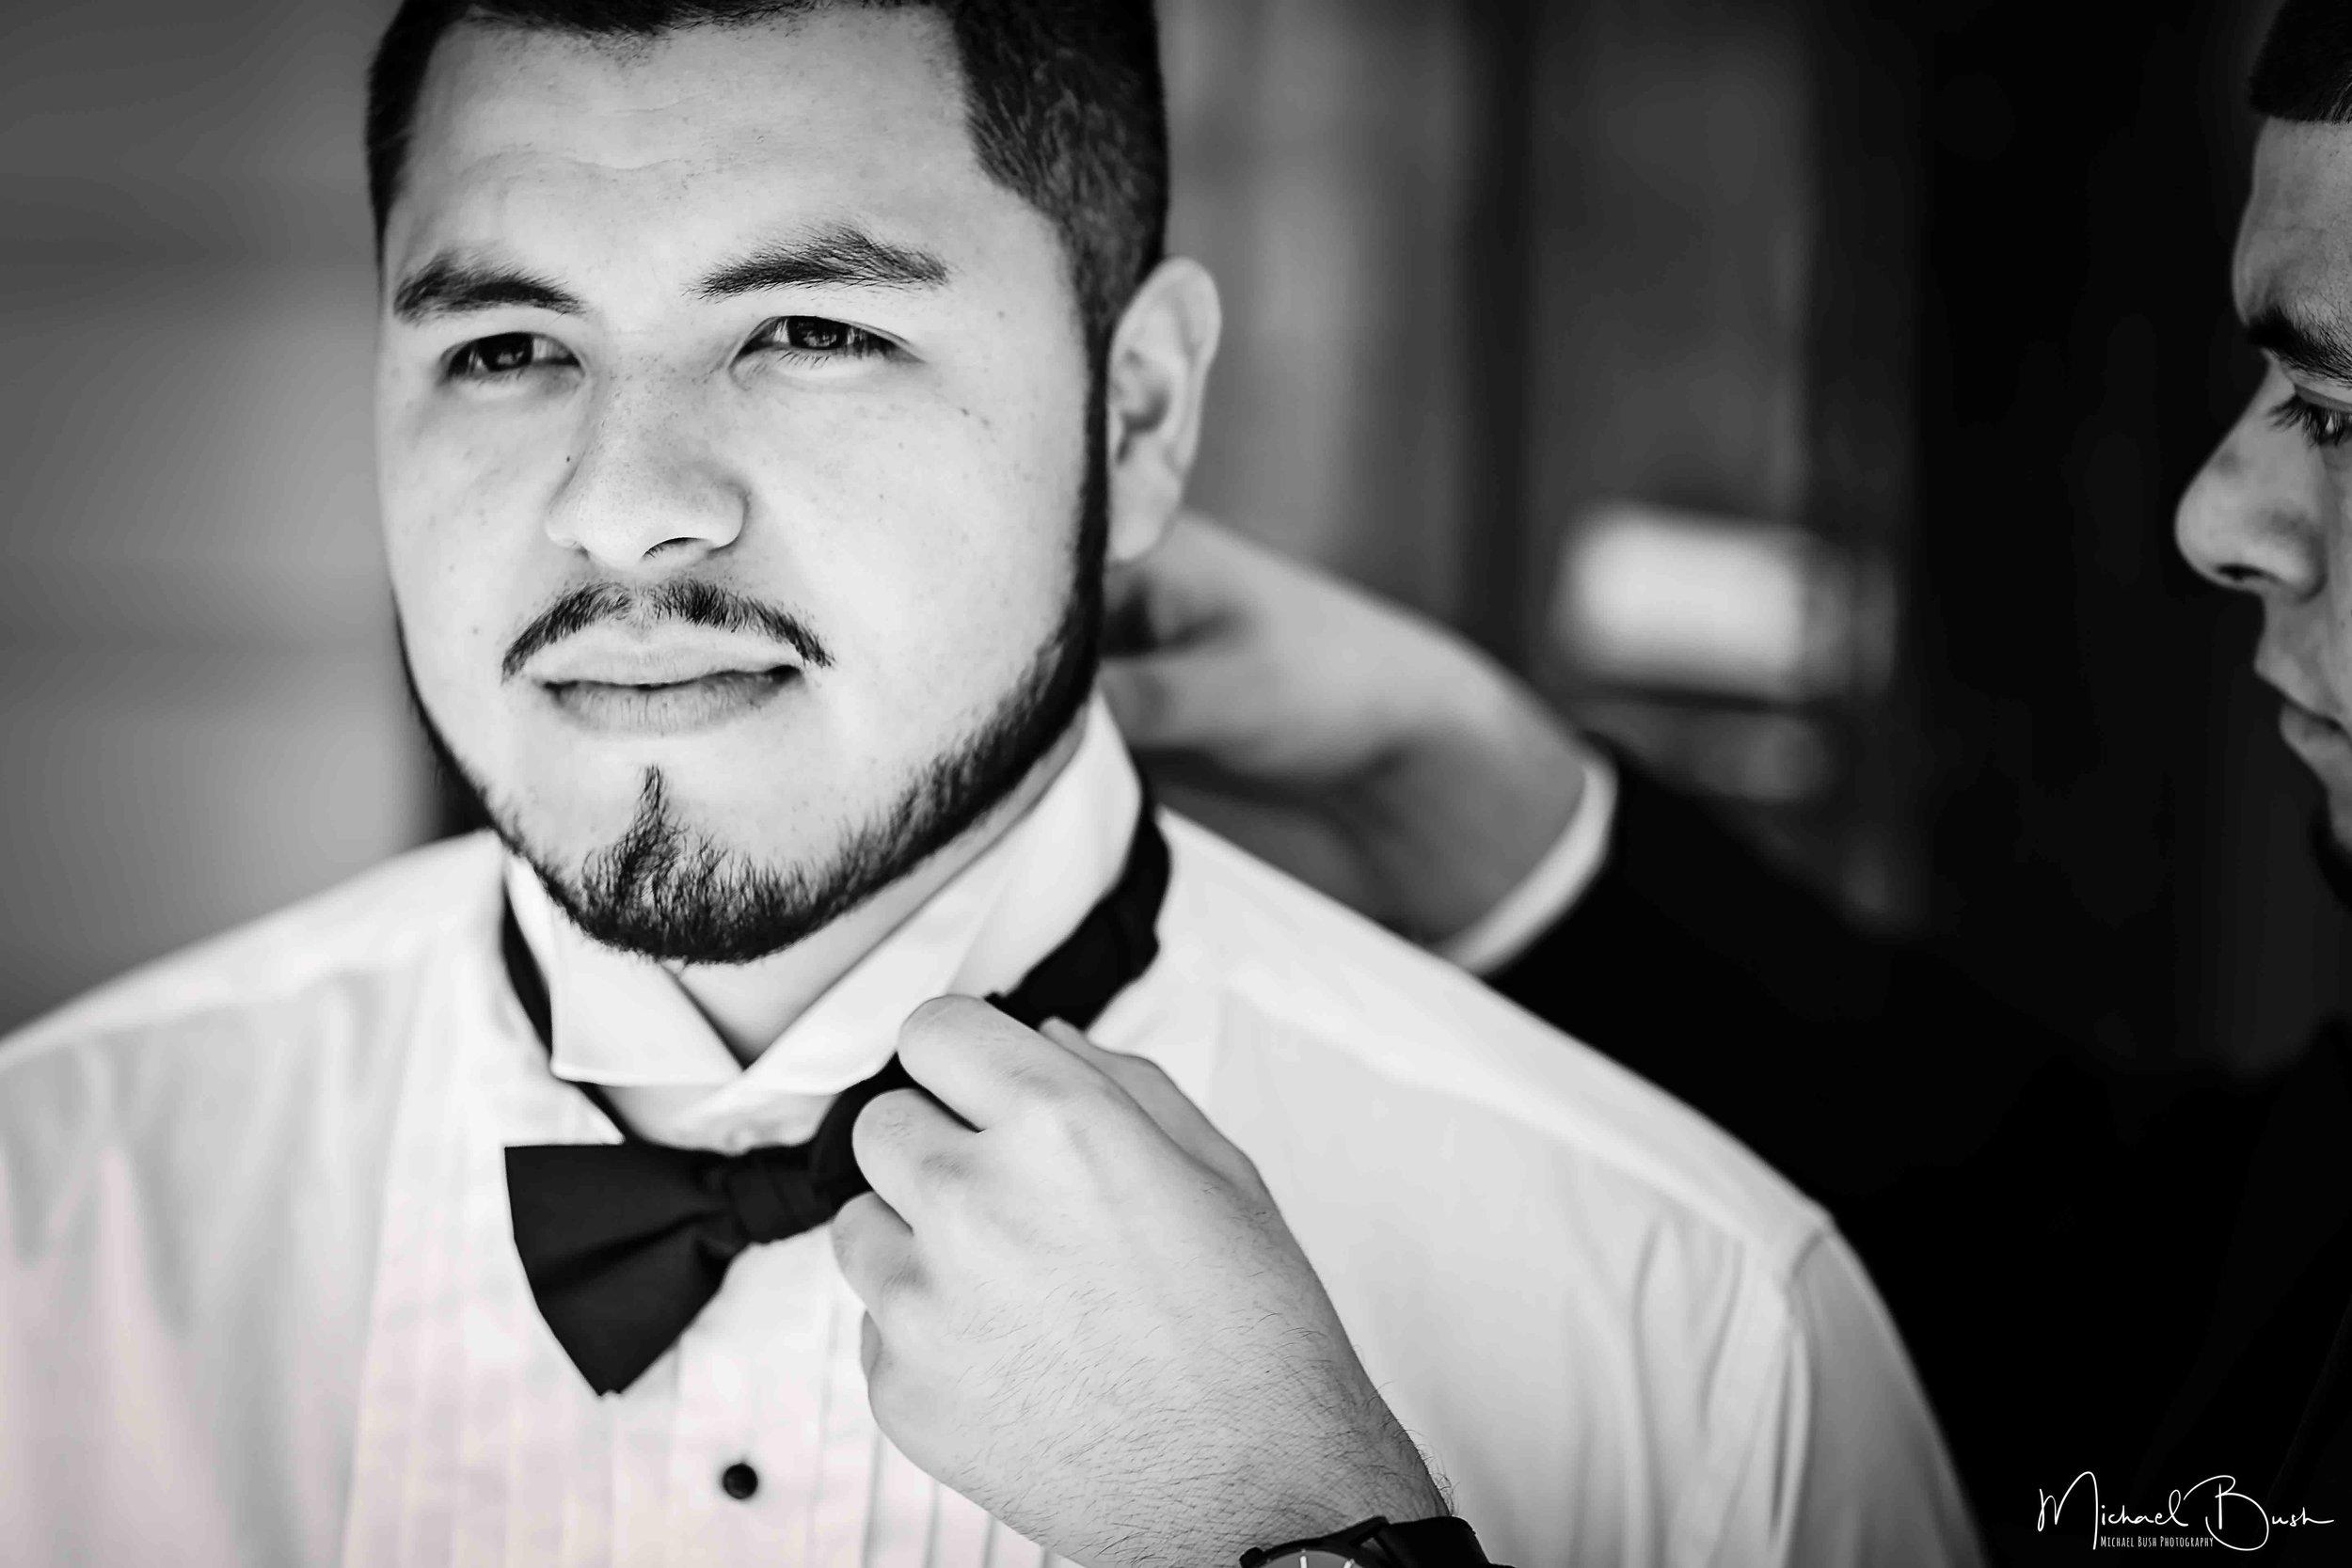 Wedding-Details-Groom-Fort Worth-b&w-Getting Ready-bestman-love-bowtie.jpg